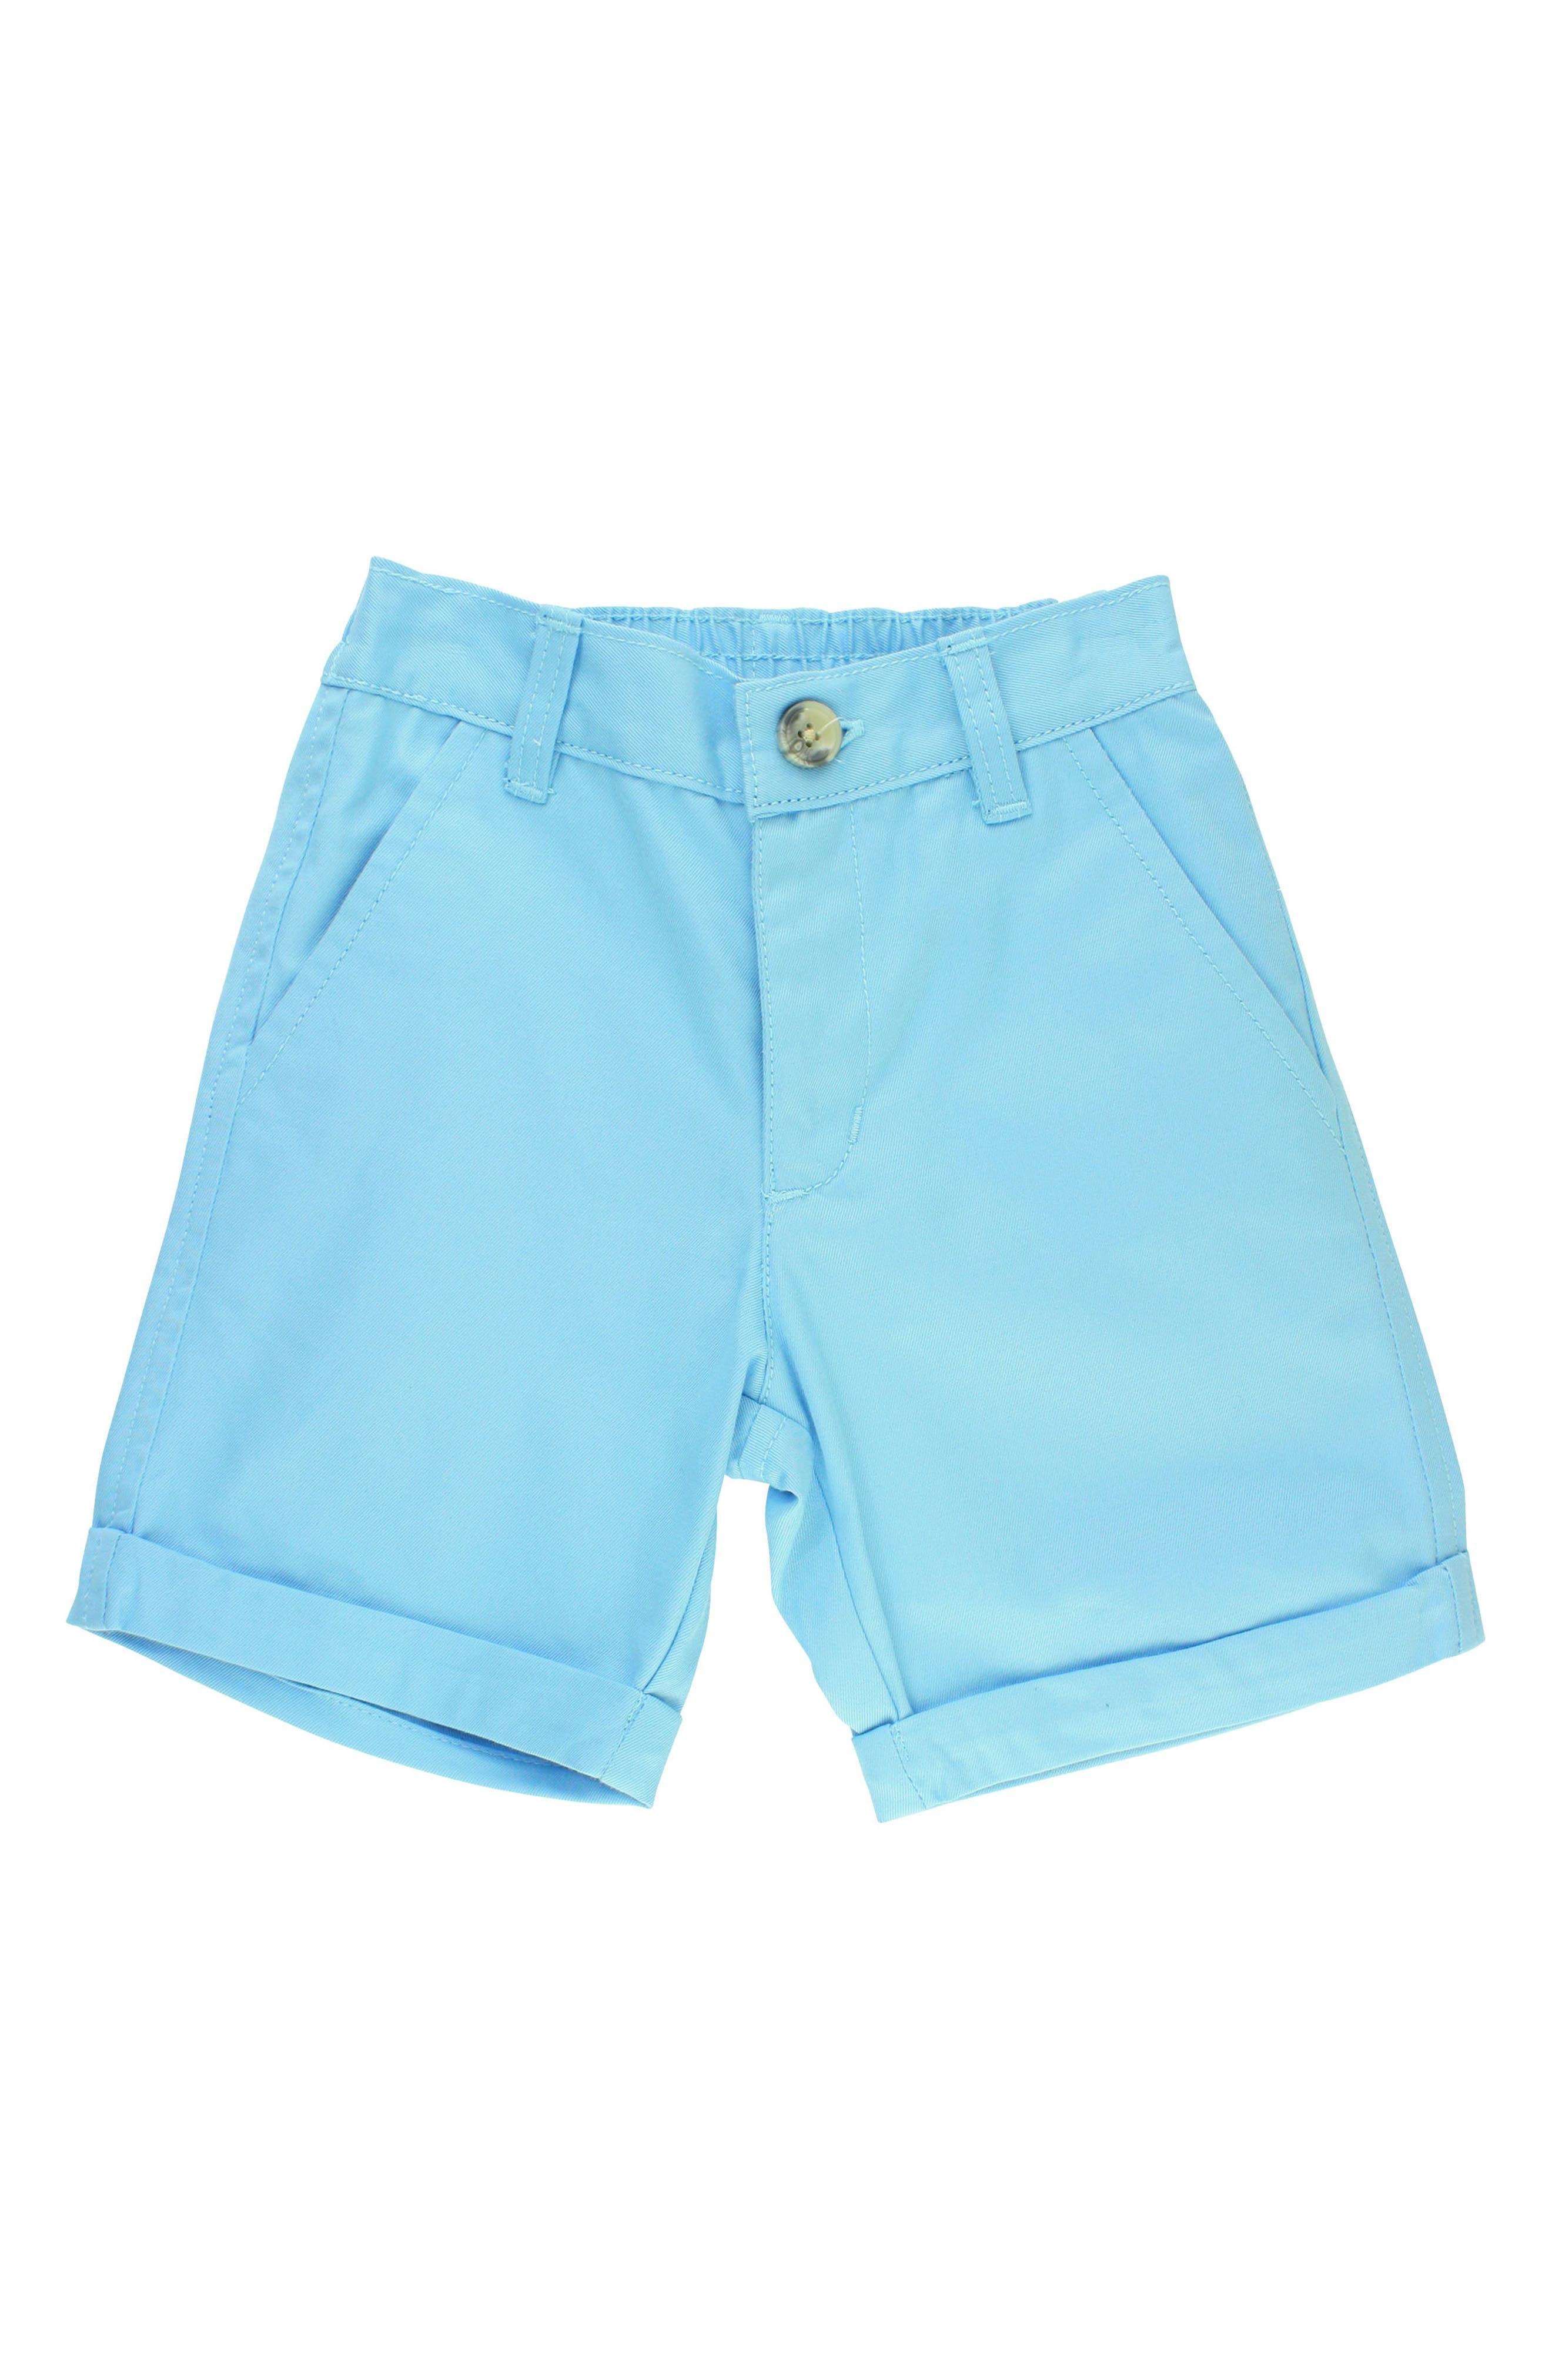 Chino Shorts,                         Main,                         color, Blue